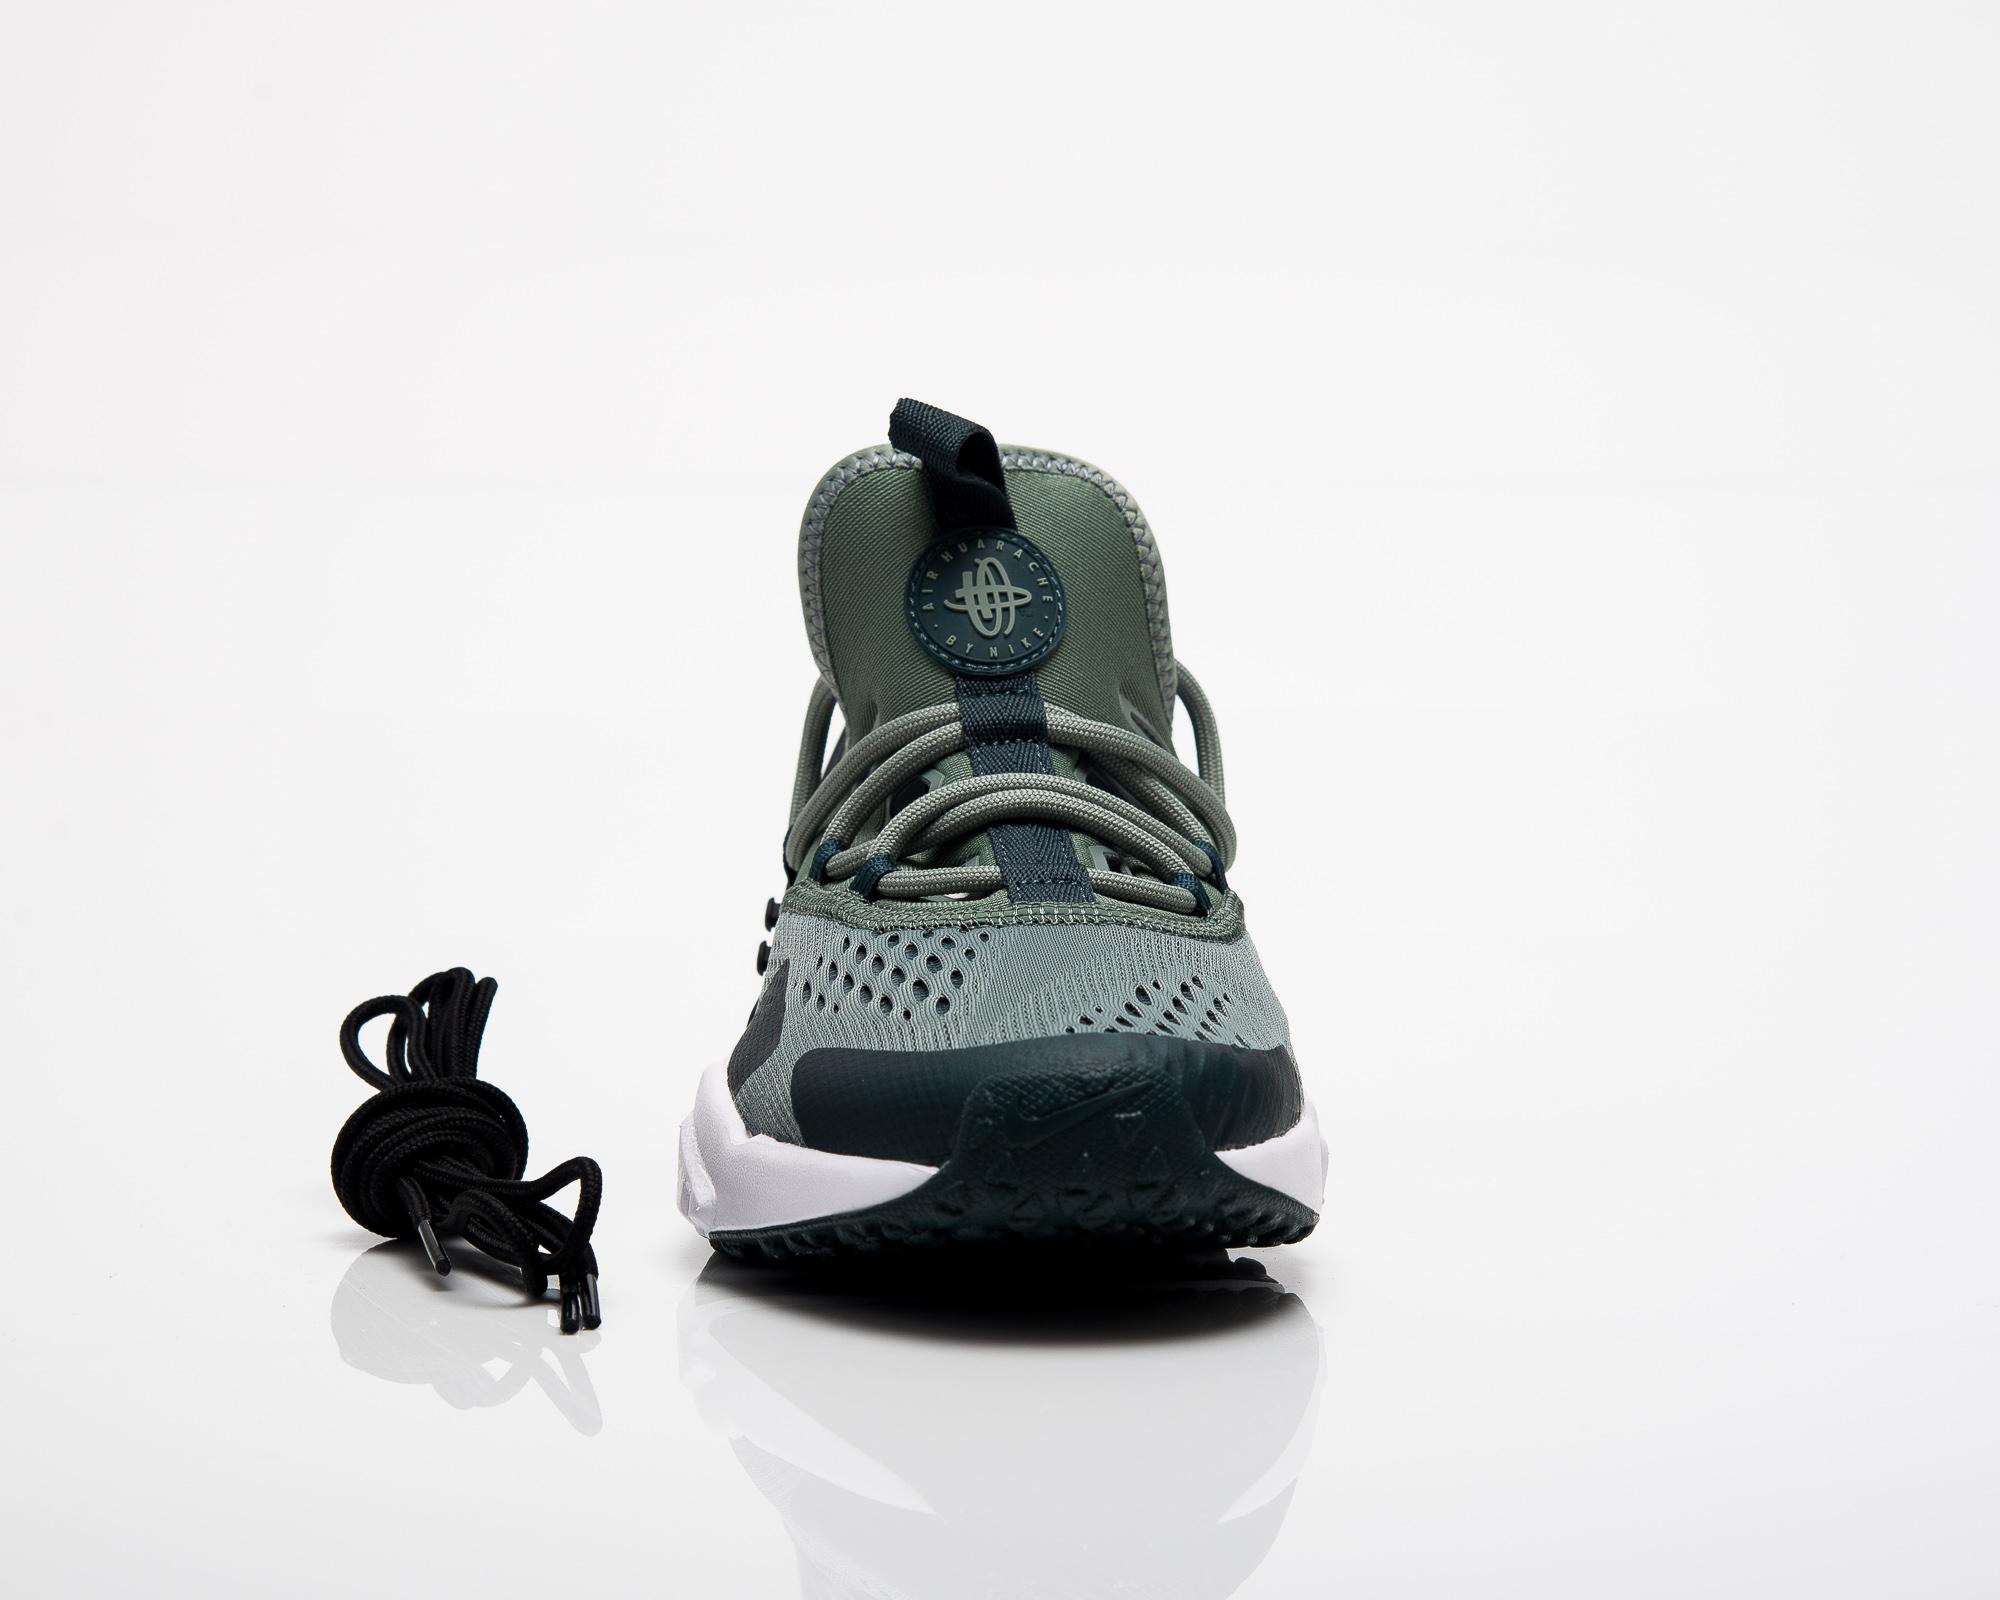 1cccdbcc3dd8 Nike Air Huarache Drift Breathe - Shoes Casual - Sporting goods